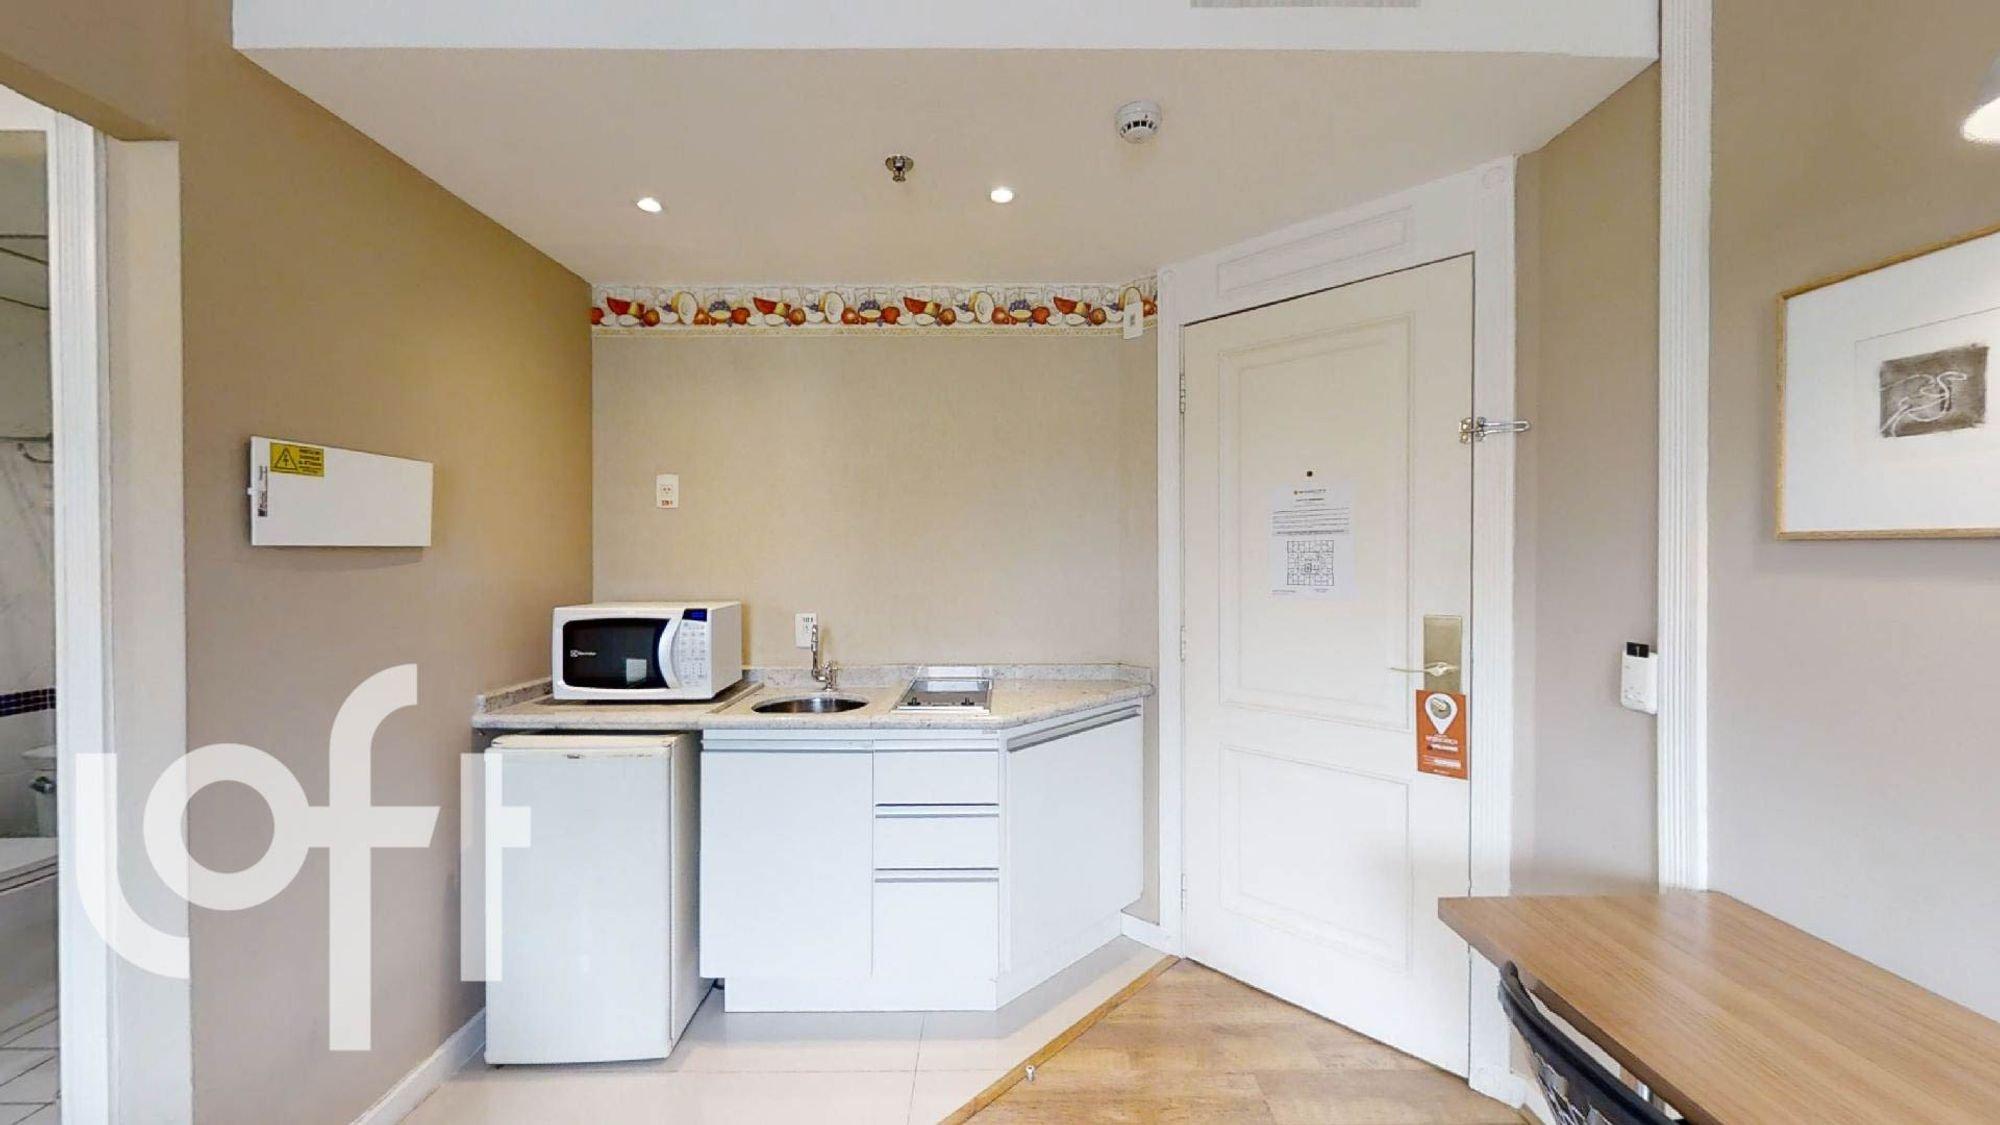 Foto de Cozinha com geladeira, pia, microondas